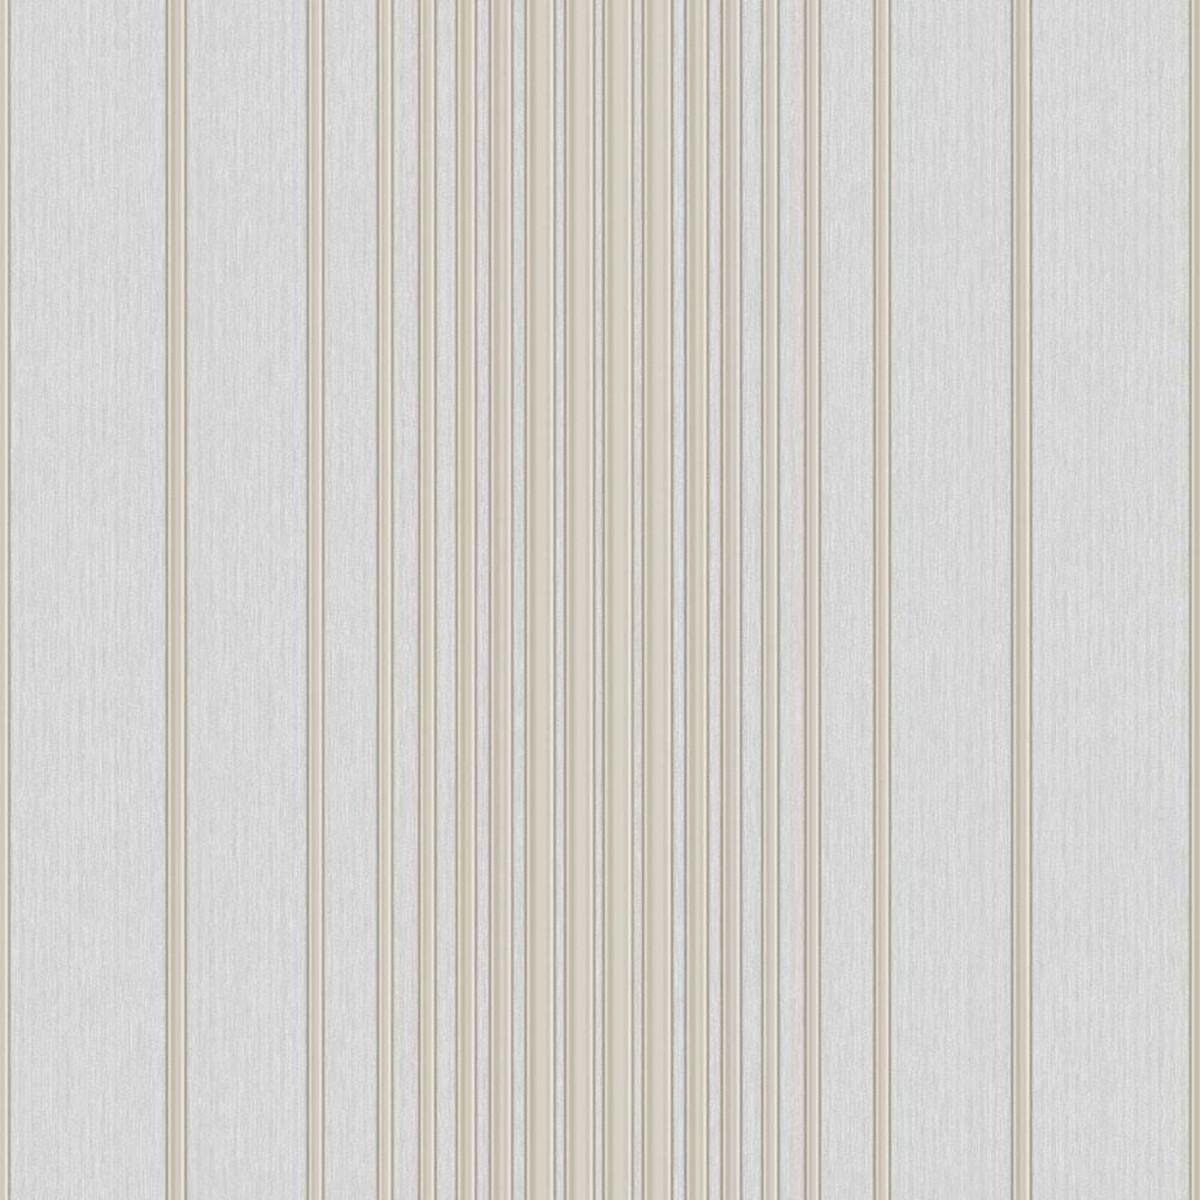 Обои флизелиновые Parato Galatea серые 0.53 м 3356